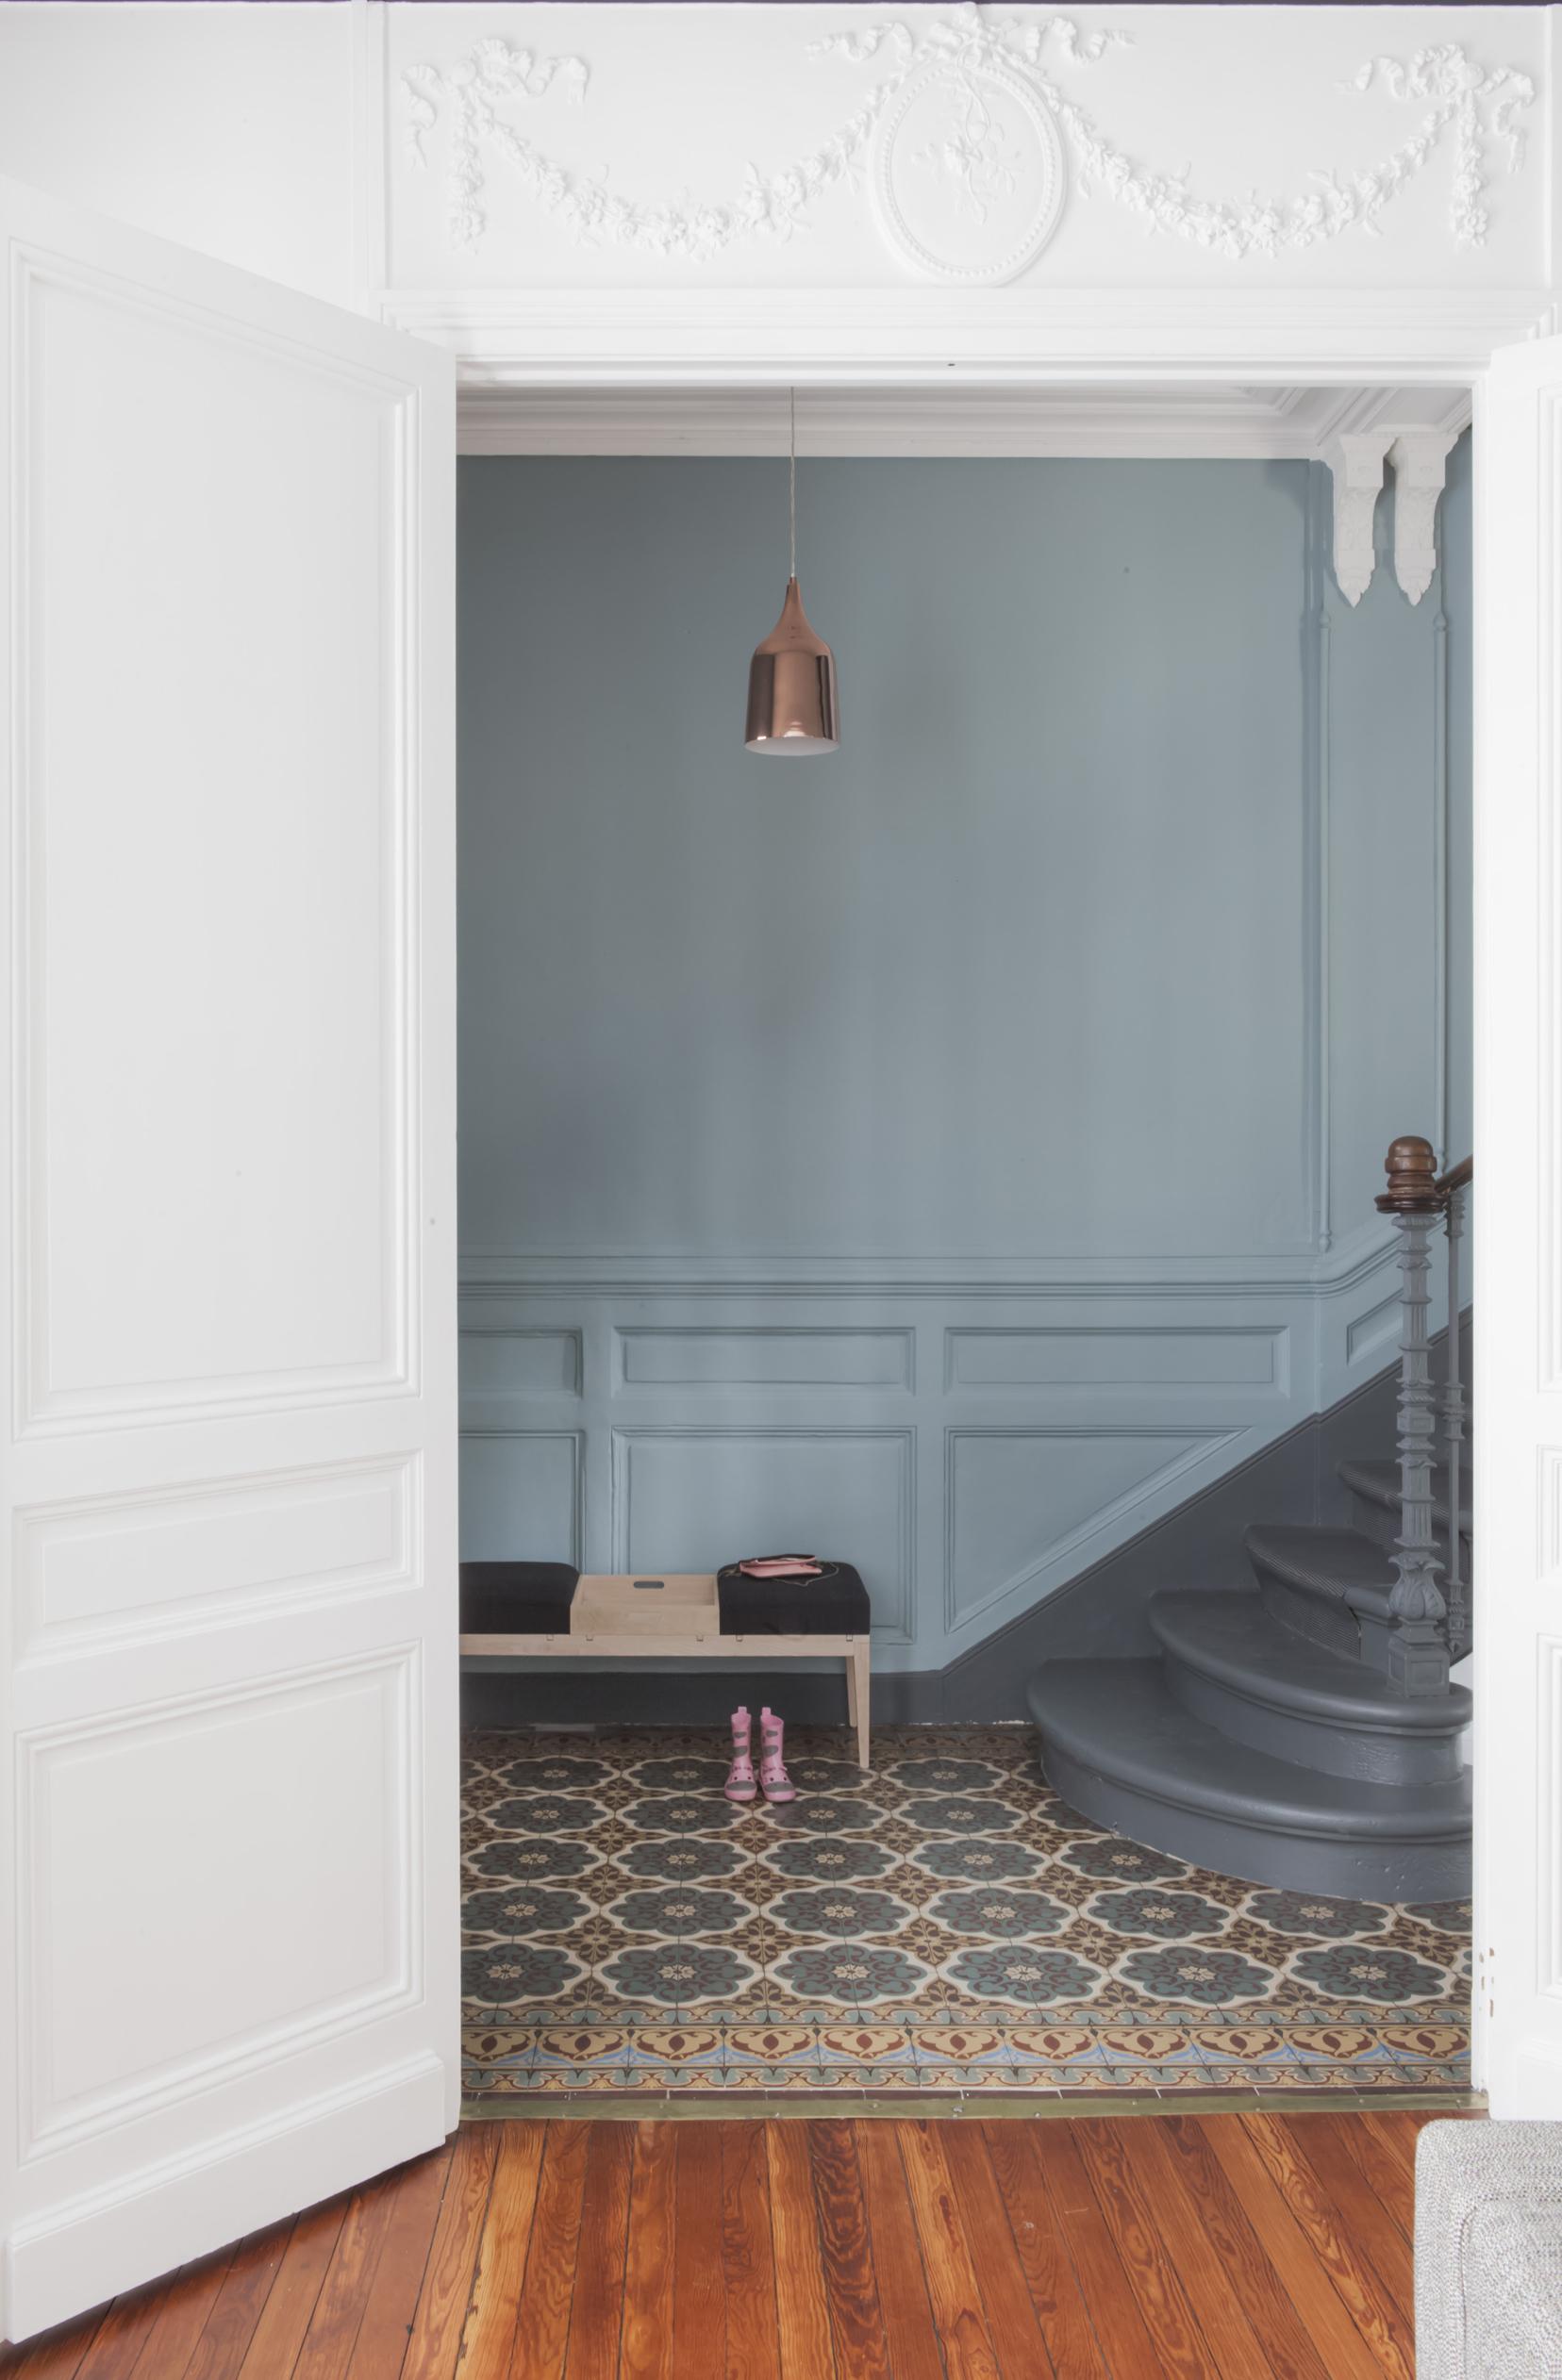 Fusion d r novation d coration maison bourgeoise 210 m2 for Decoration maison bourgeoise